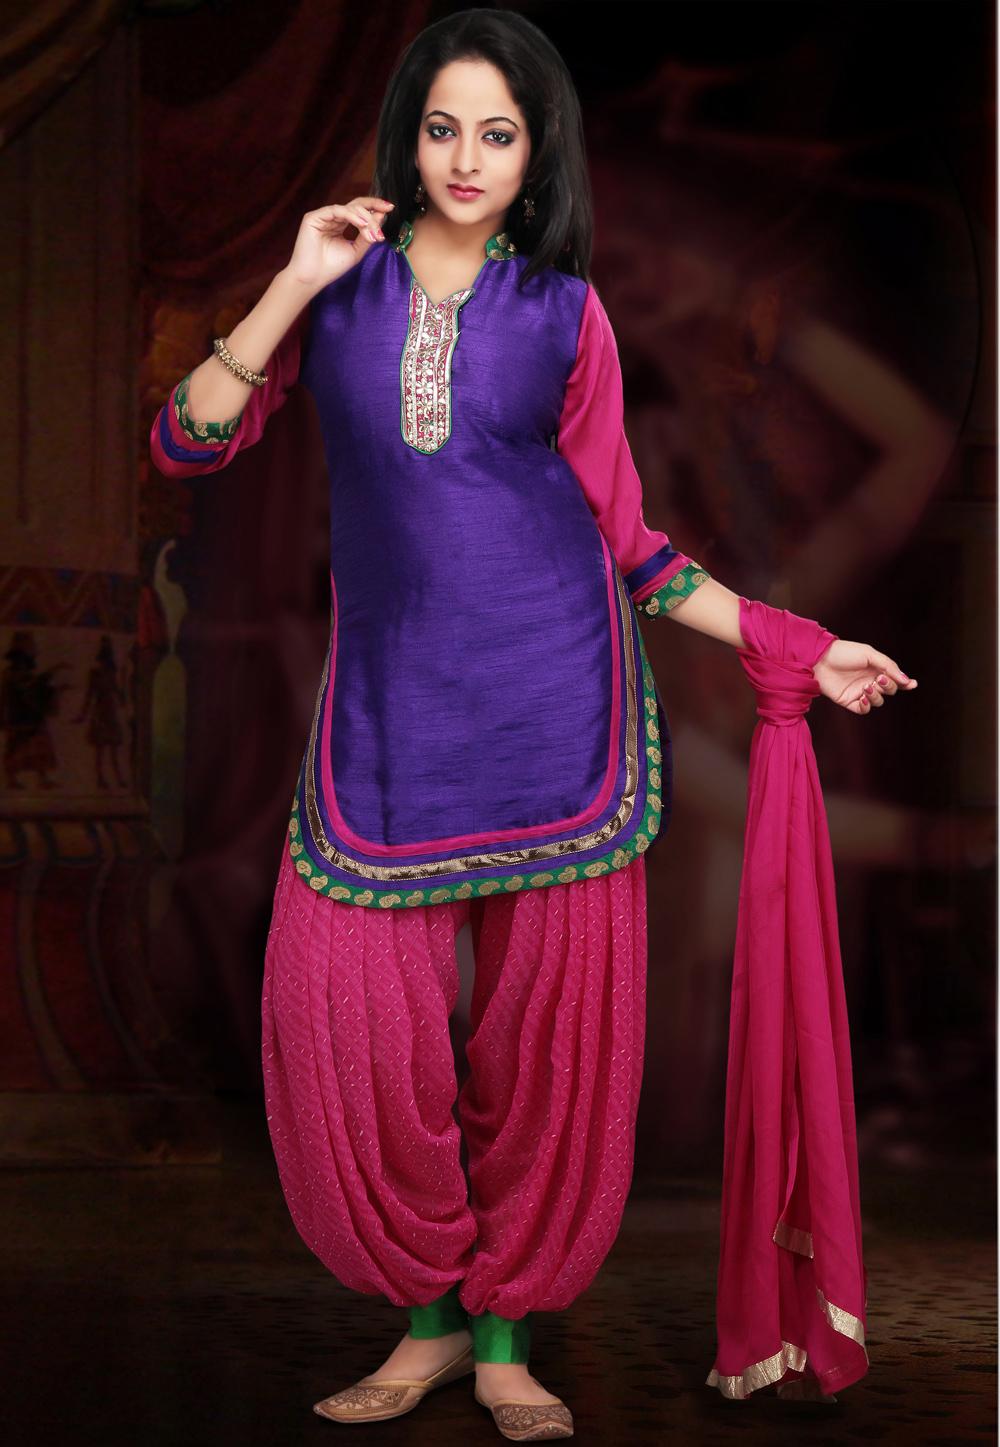 Fashion clothing online shopping india 3